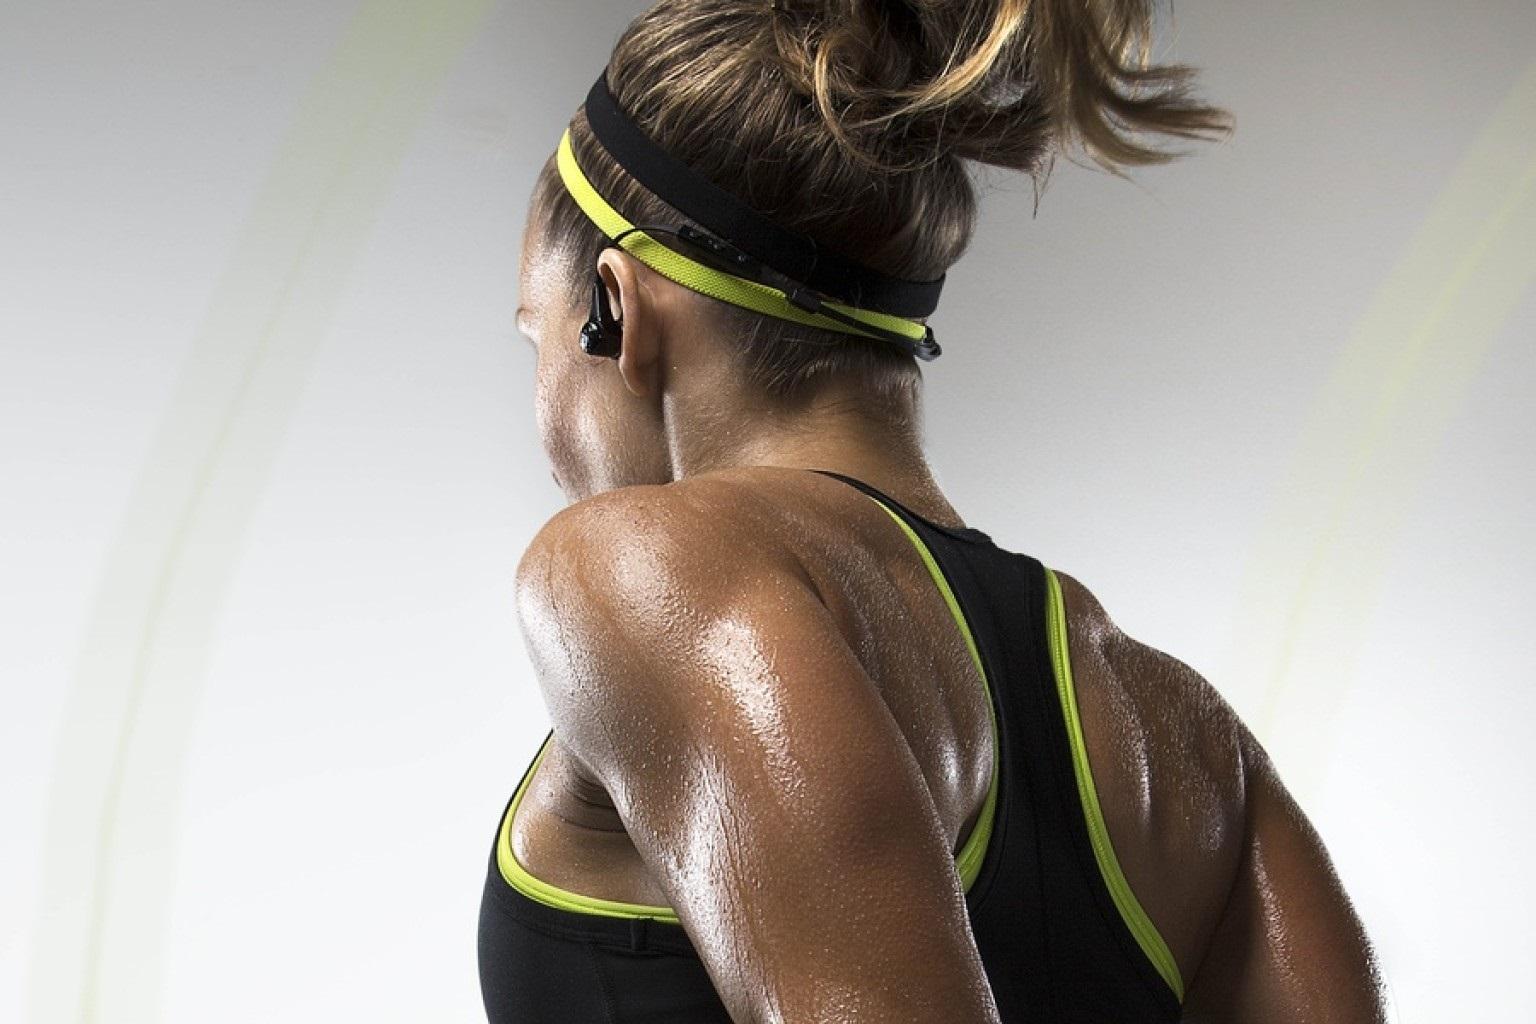 El ejercicio rejuvenece la piel